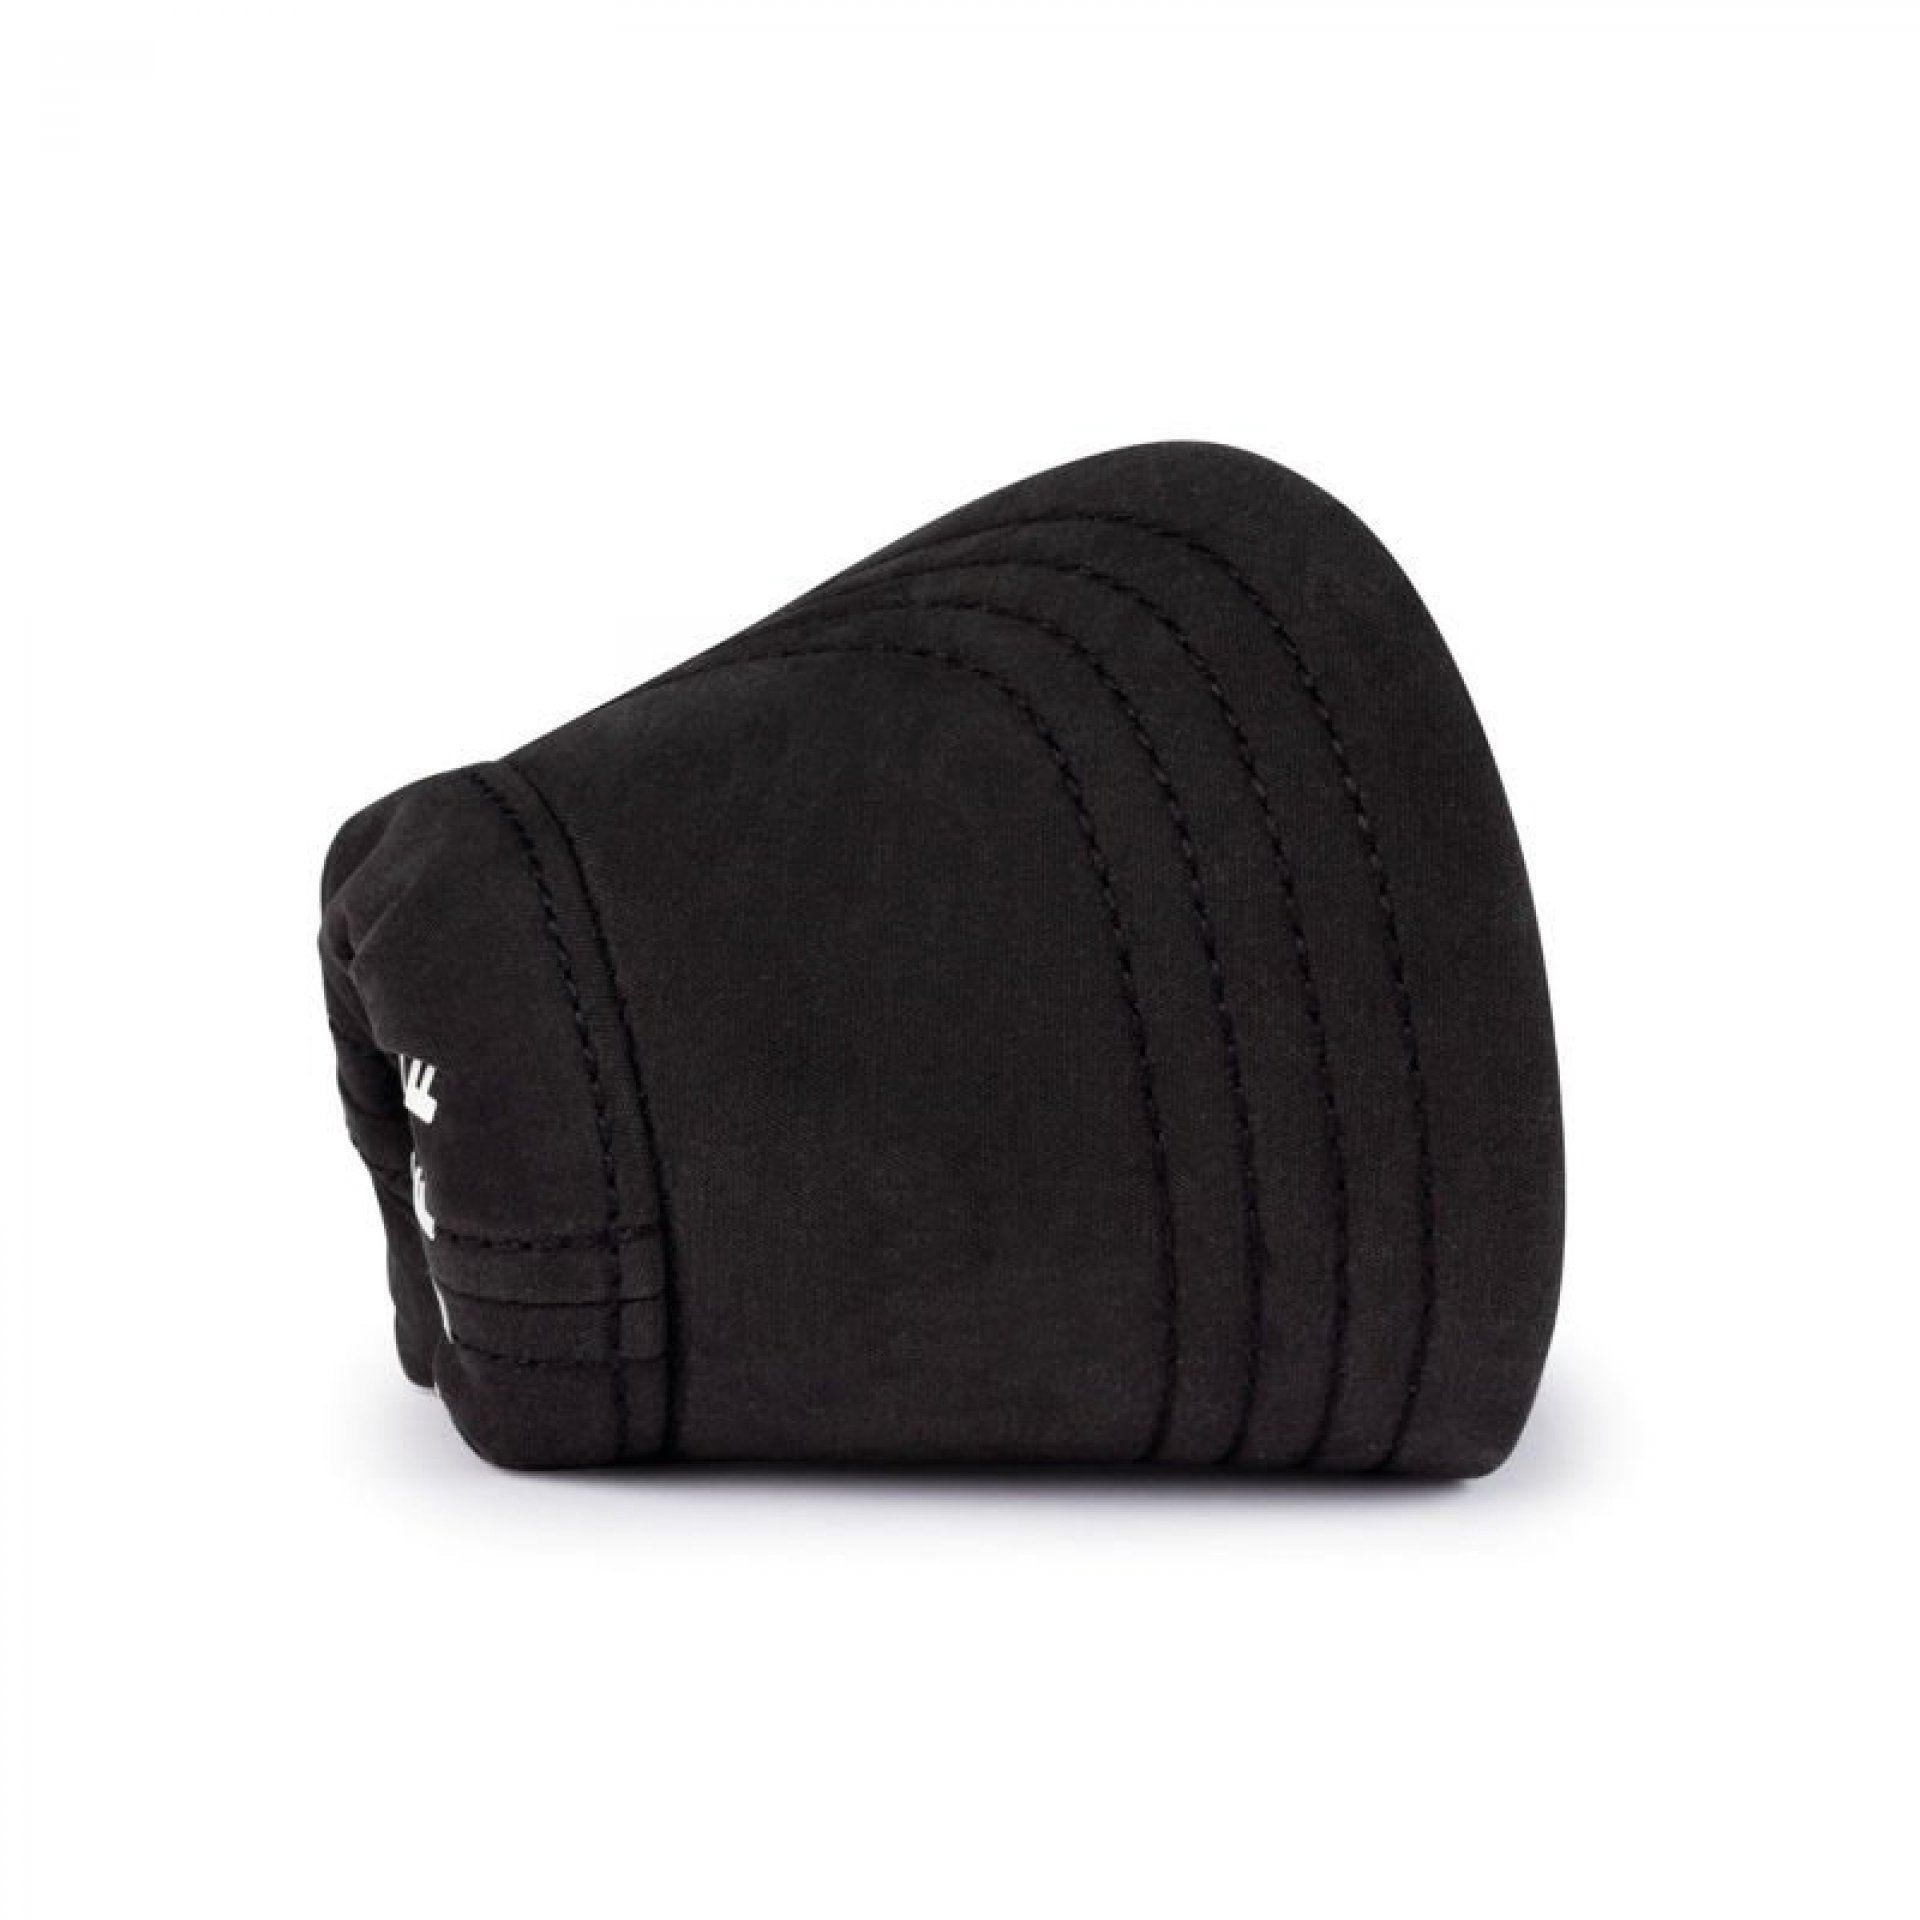 CZAPKA Z DASZKIEM BUFF PACK BASEBALL CAP SOLID BLACK PO ZŁOŻENIU